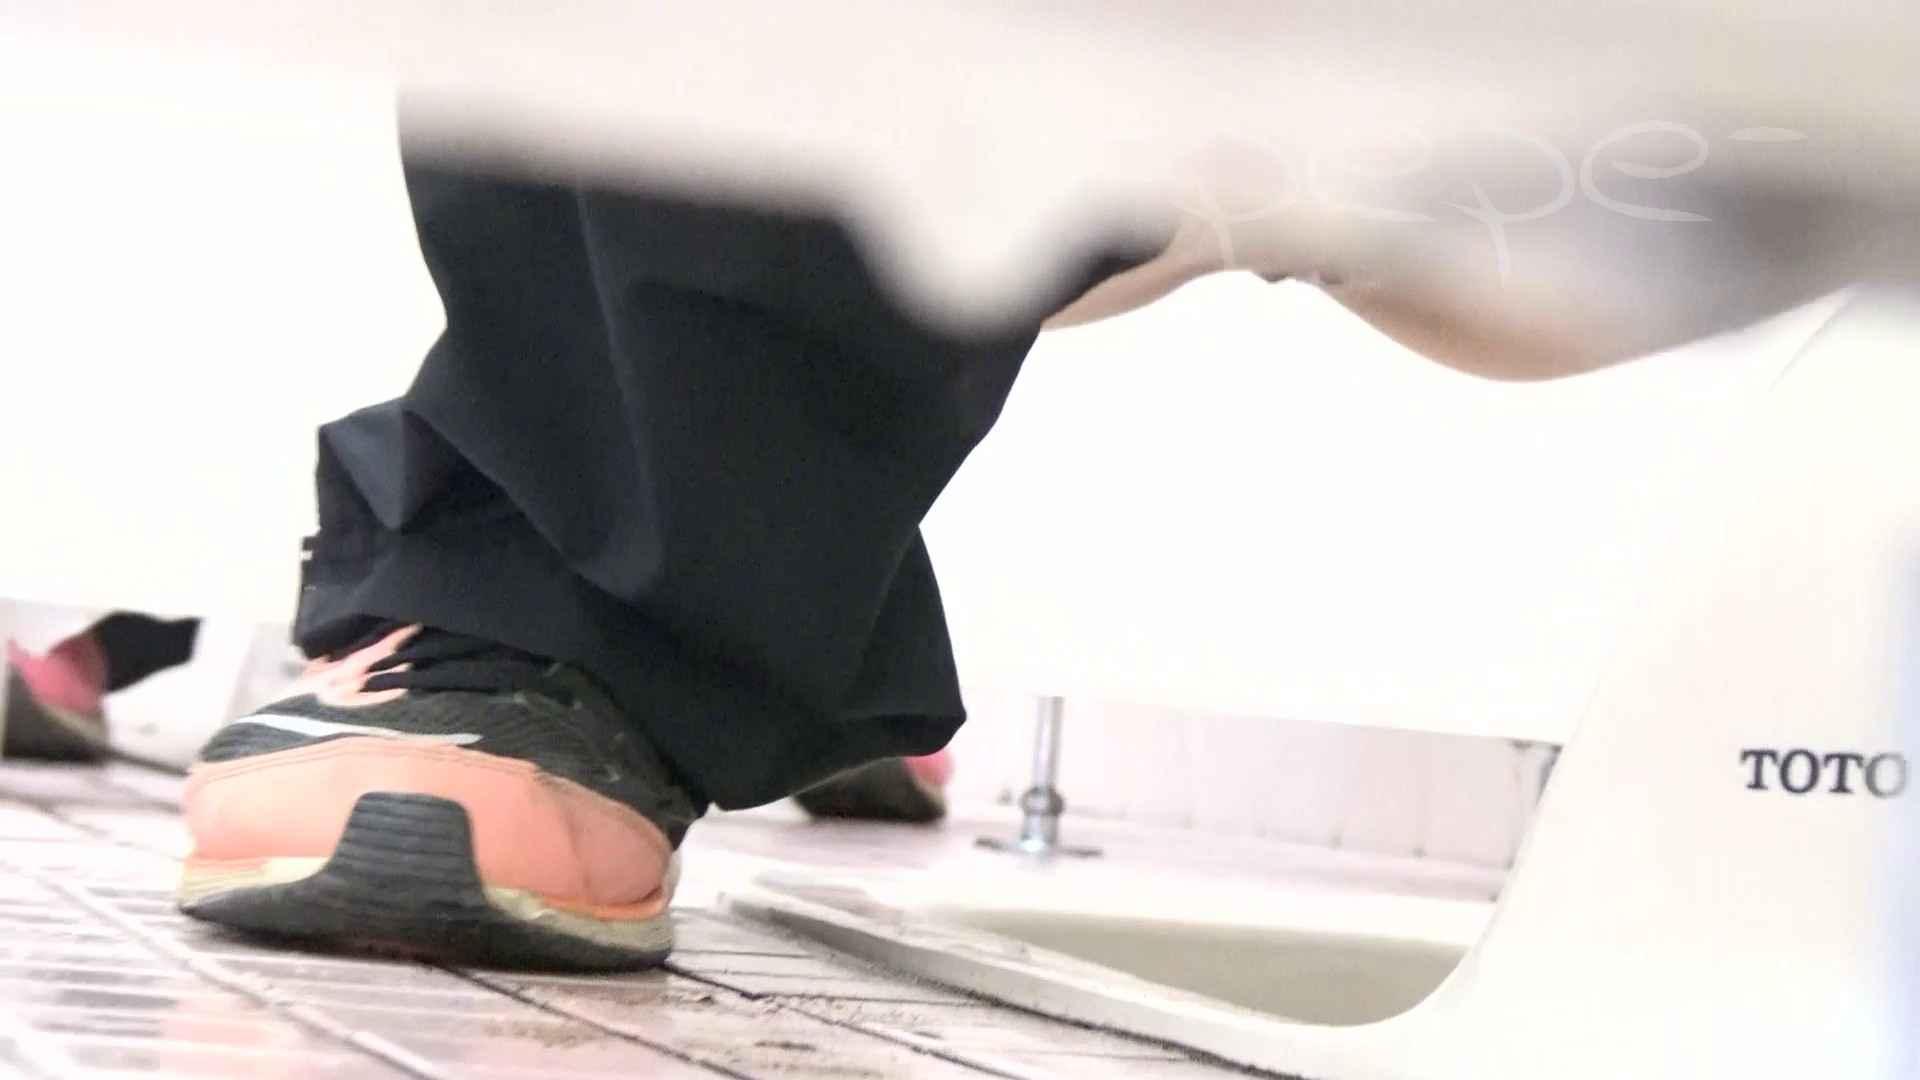 ▲期間限定D▲至高洗面所盗撮 25 至高の下方撮り!!若さ溢れる体育館編2!! 洗面所着替え | 盗撮エロすぎ  70連発 53